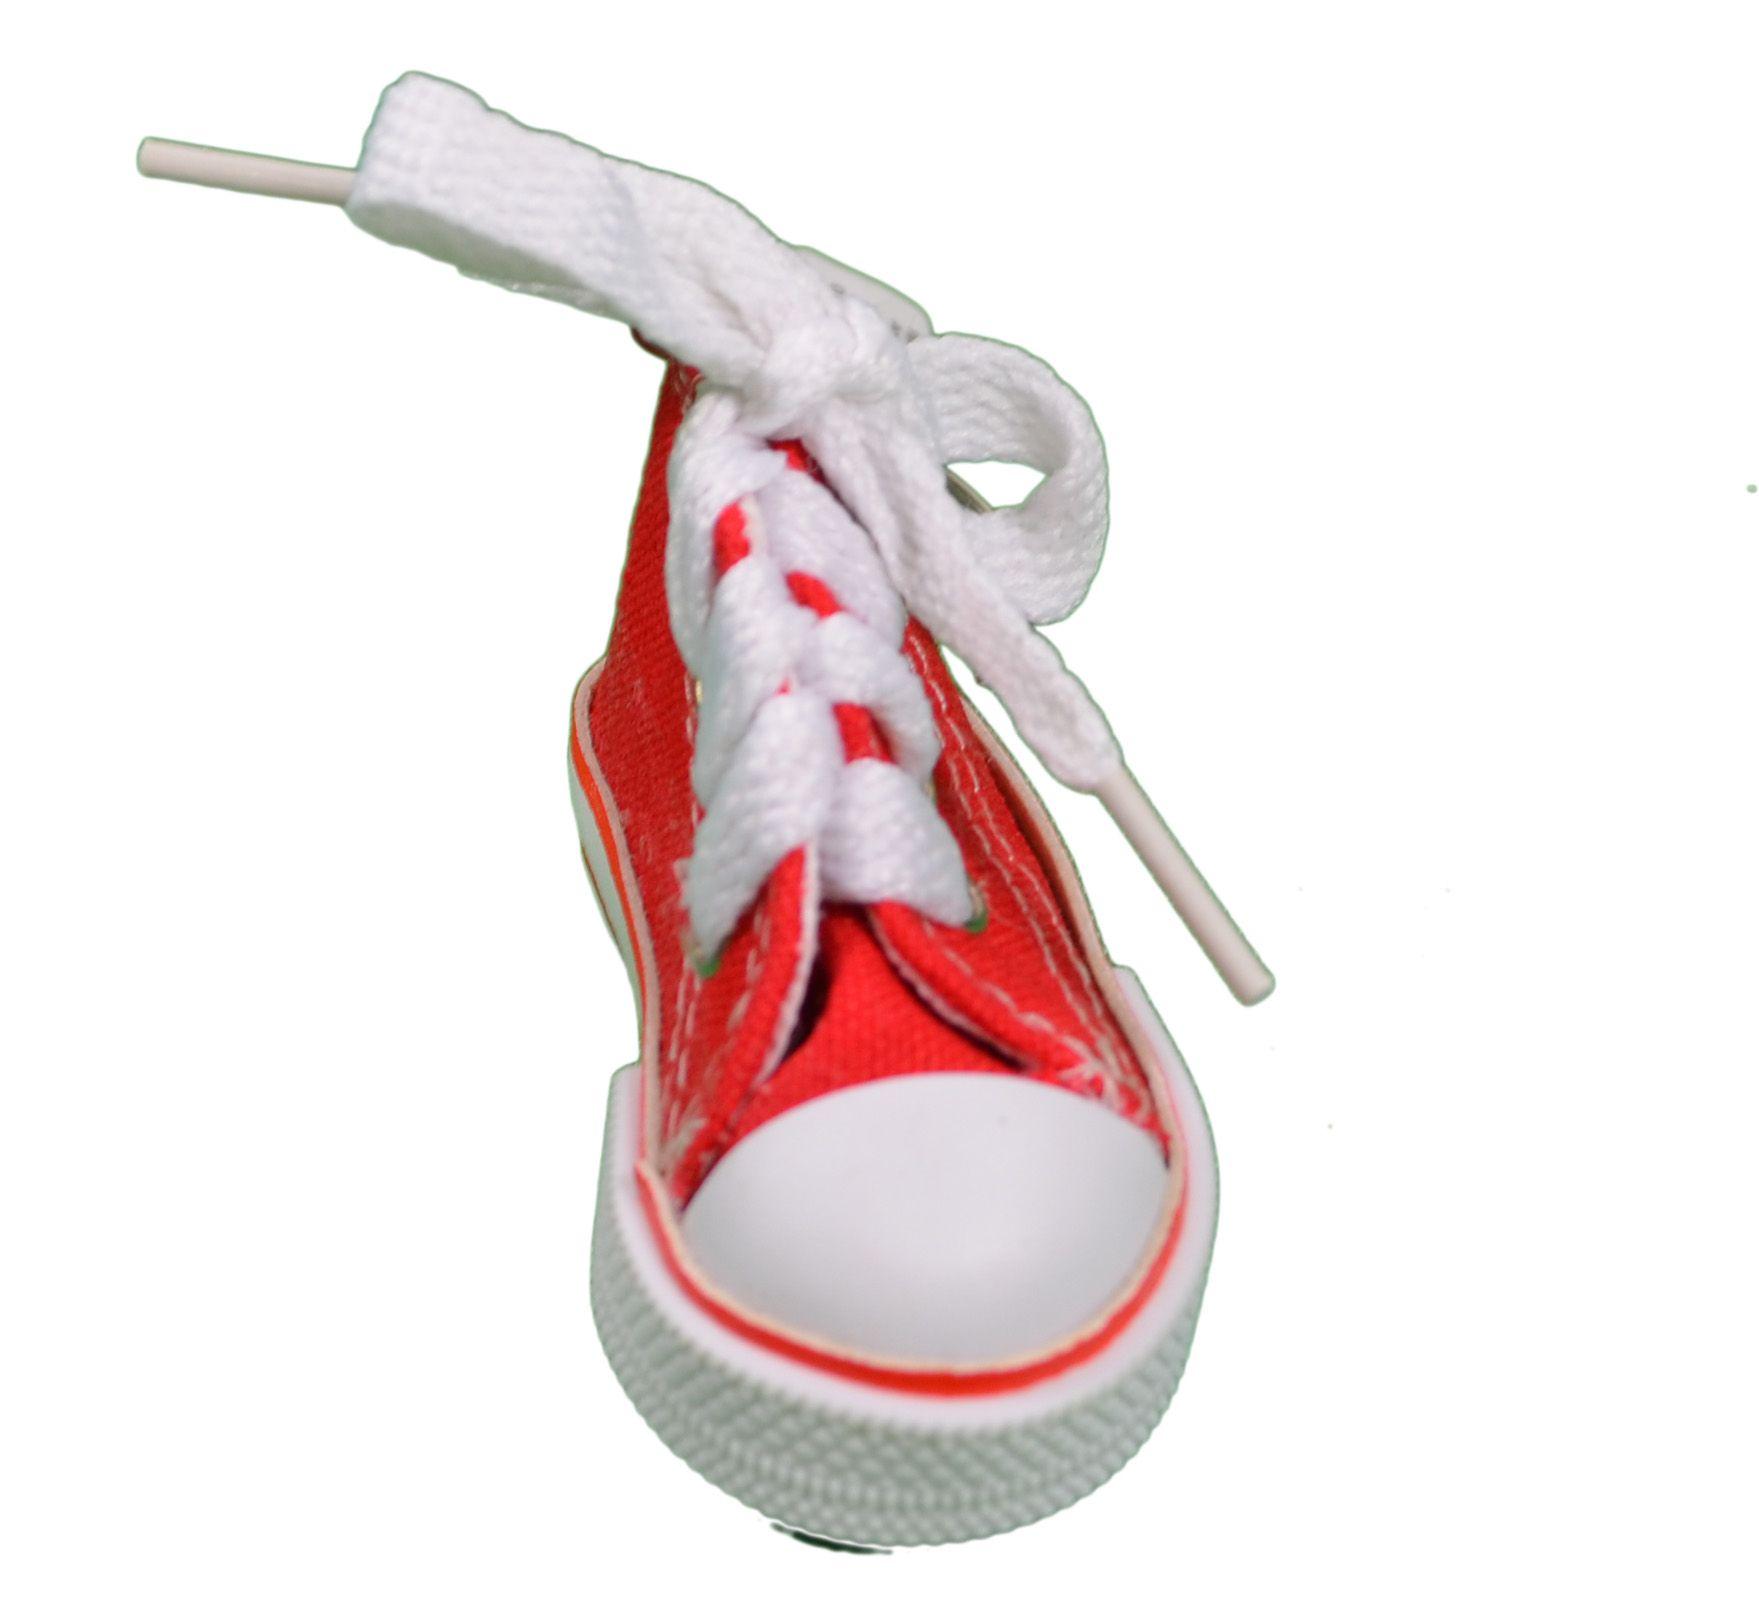 64a8384467f8 Shoe Party Favors